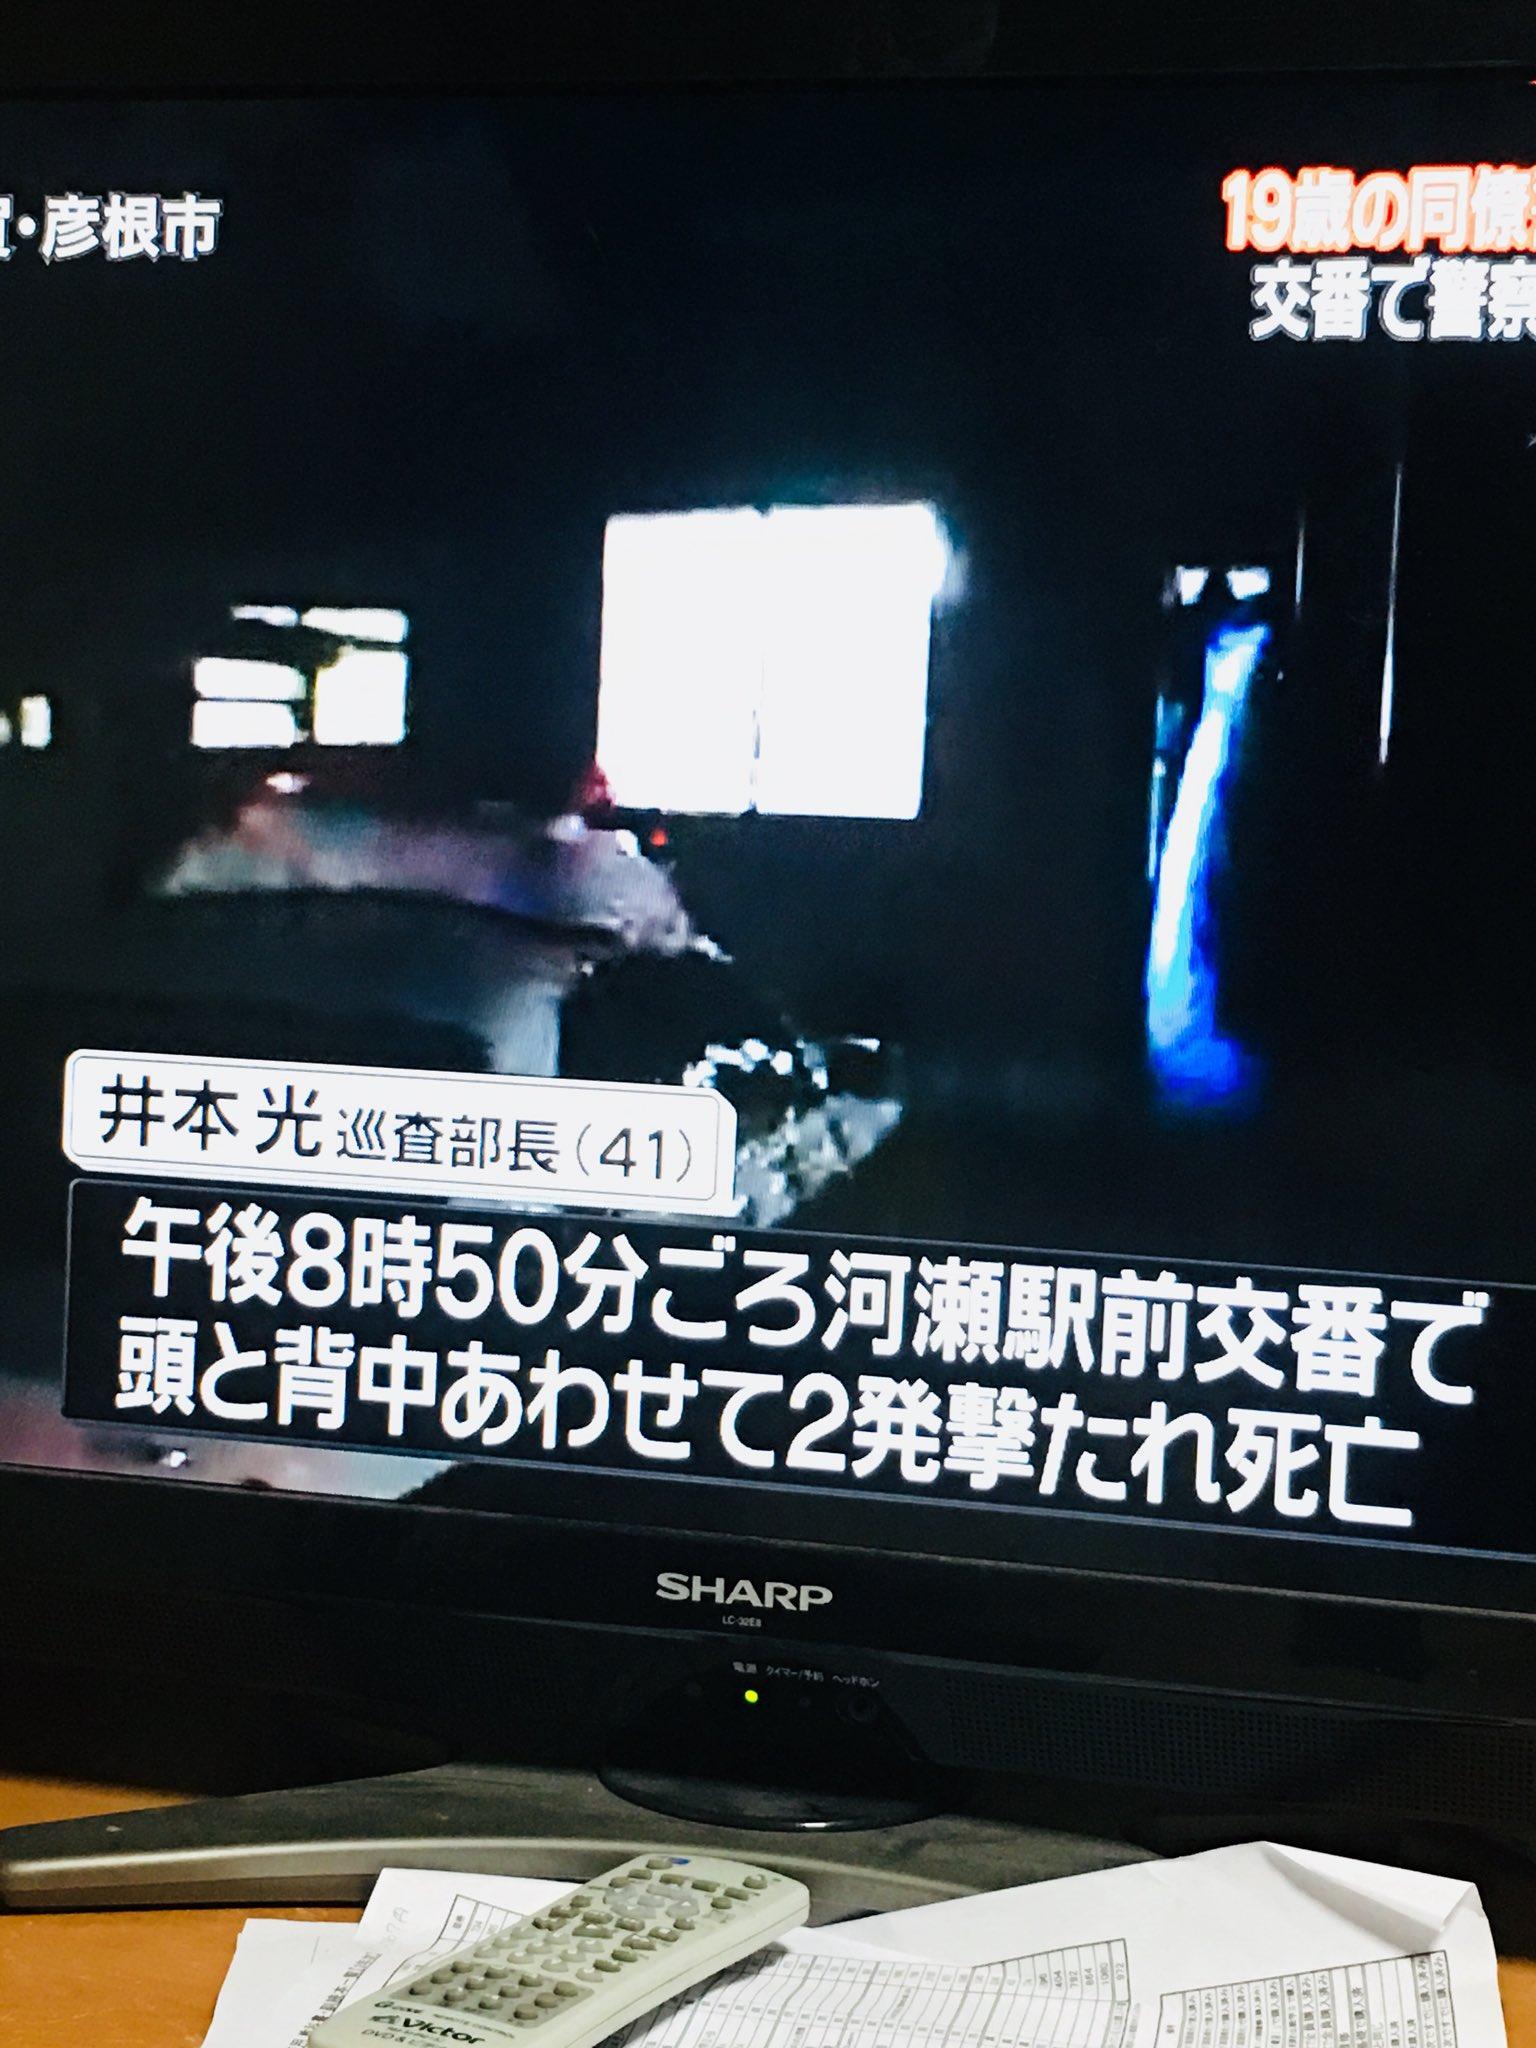 画像,警官が警官撃ち殺して逃げてるって滋賀県彦根市あかんやん😱 https://t.co/99nzPzRuwE。